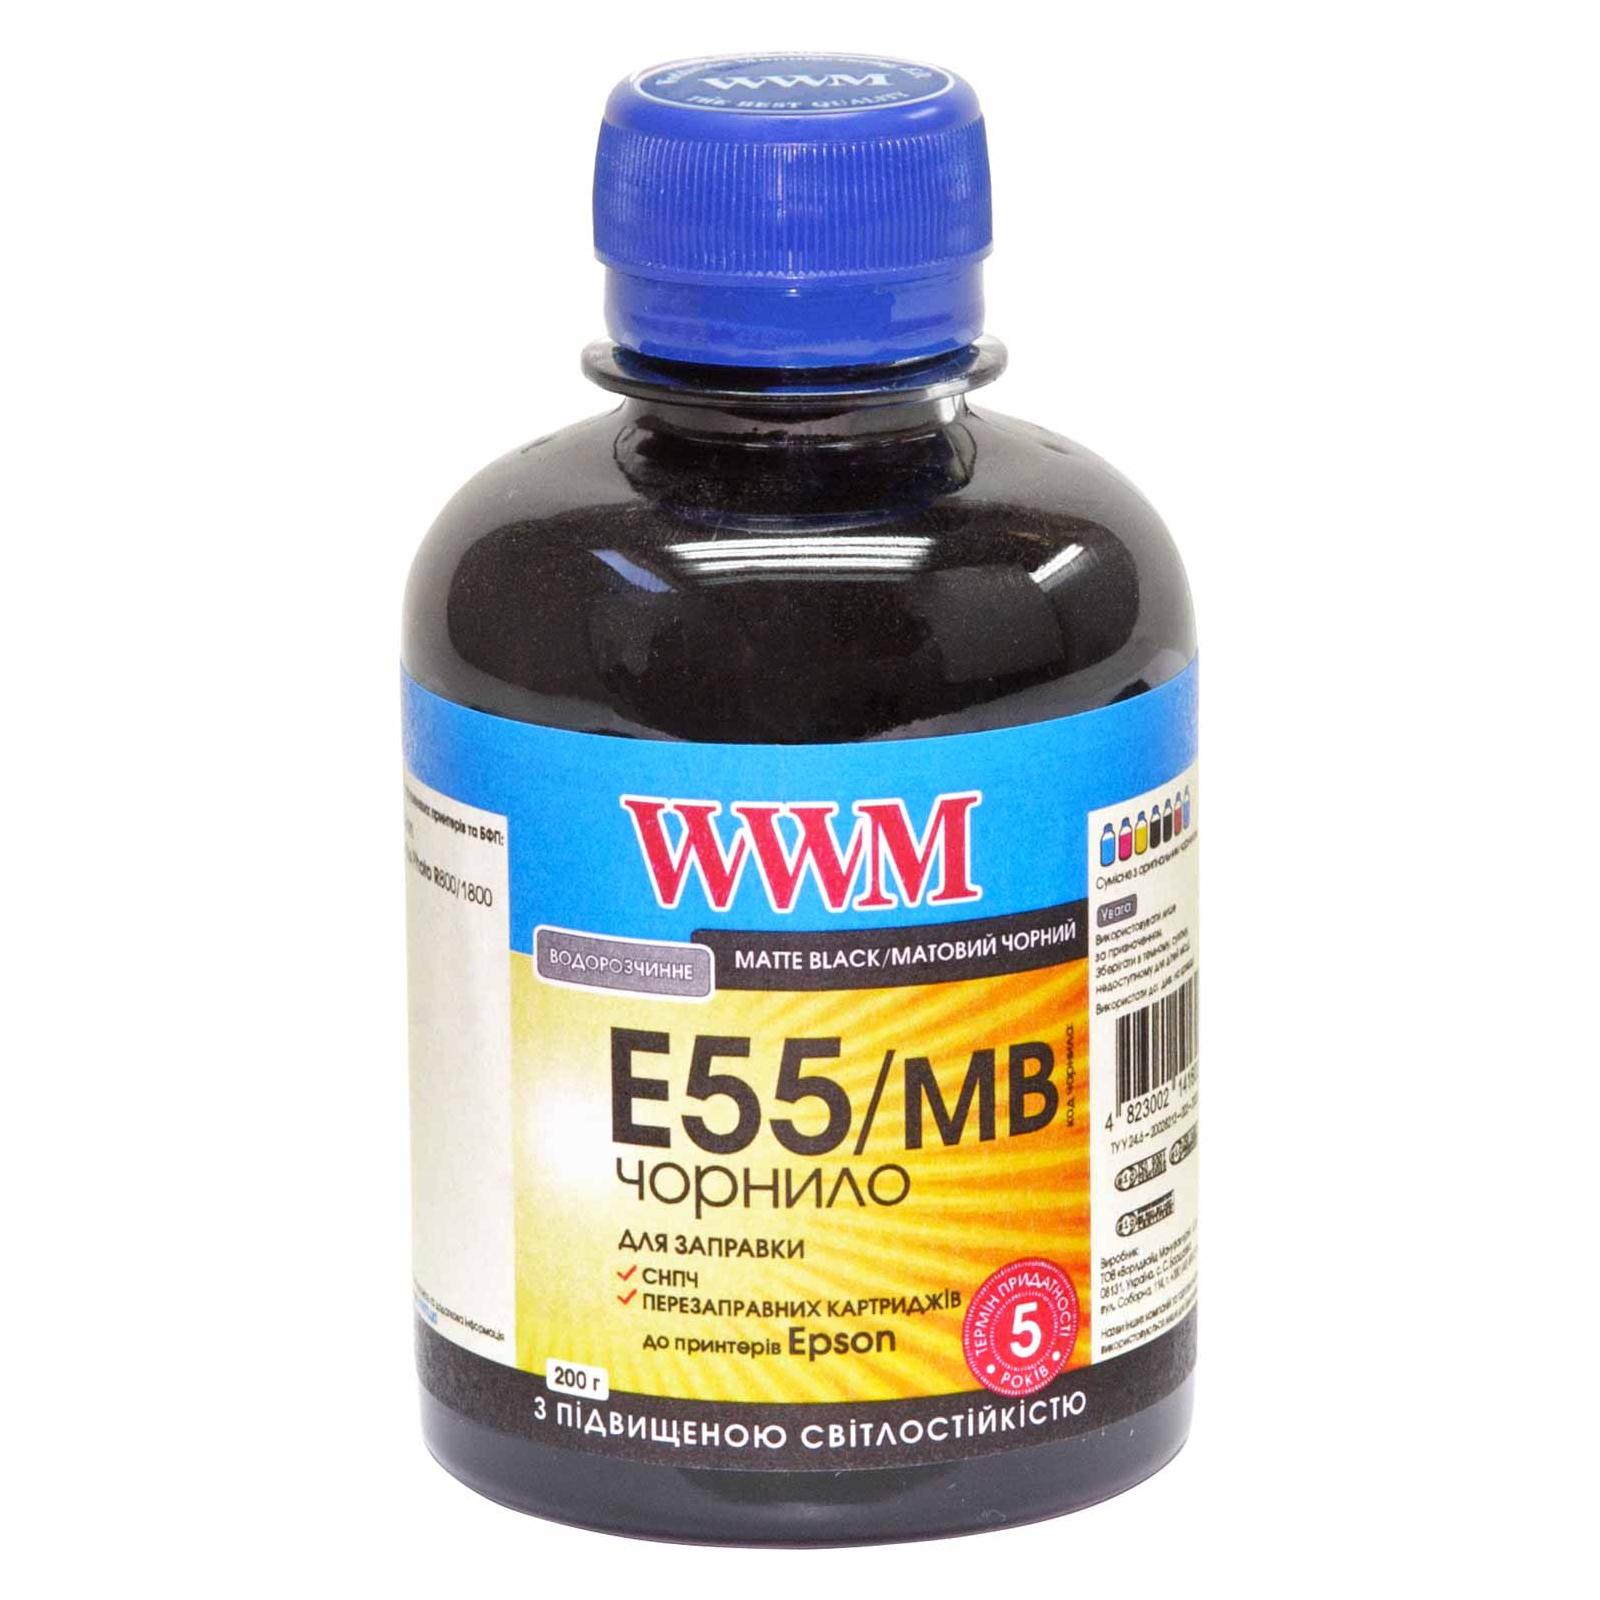 Чернила WWM EPSON R800/1800 (Matte Black) (E55/MB)